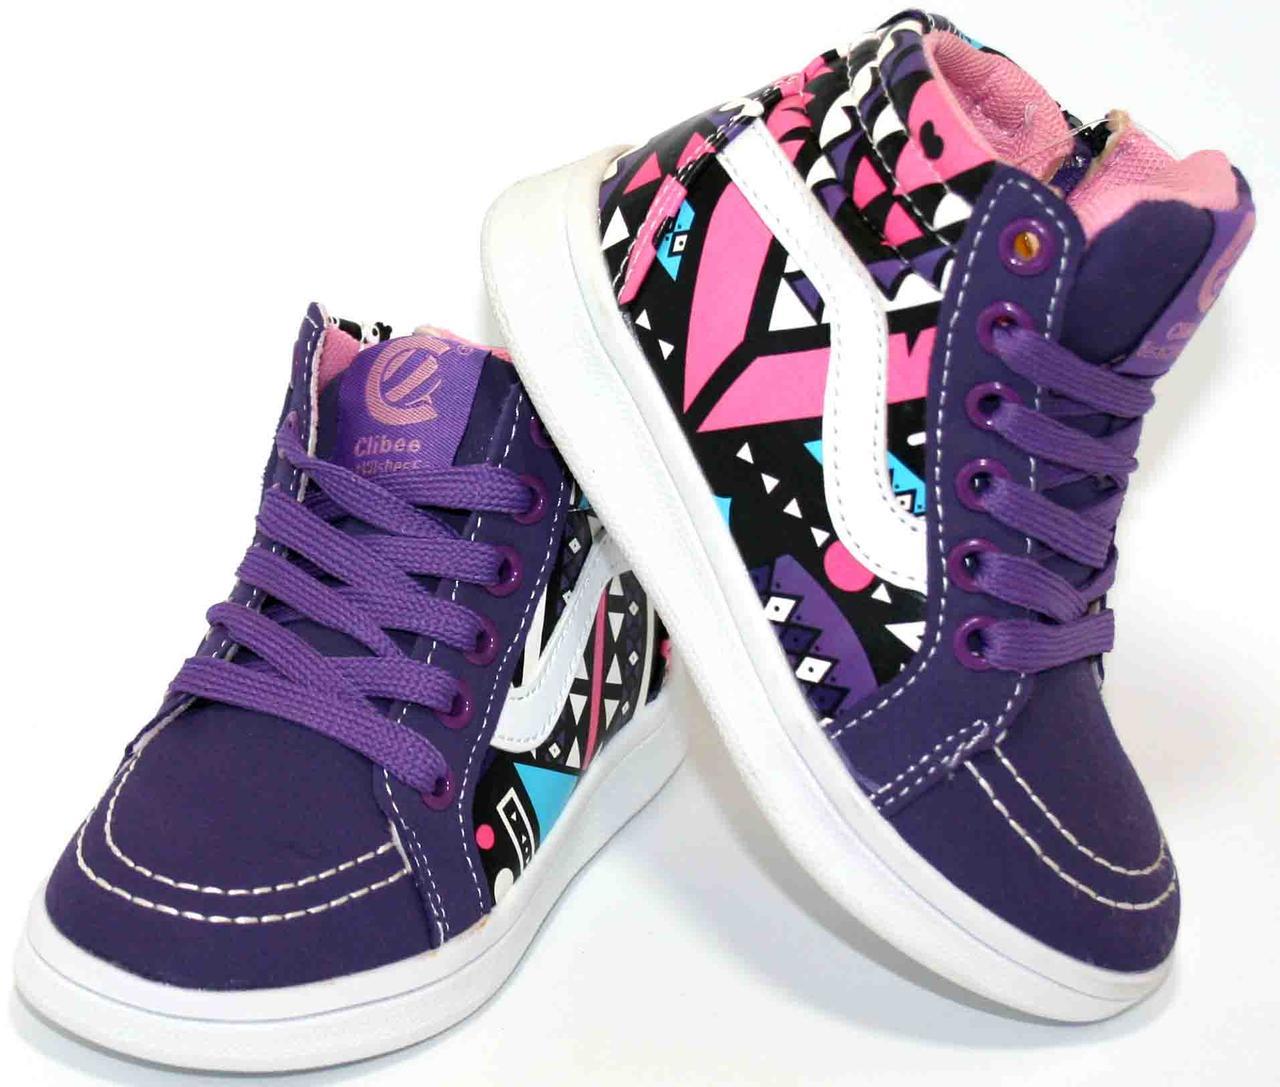 Детские ботинки для девочки Clibee Польша размеры 27-32